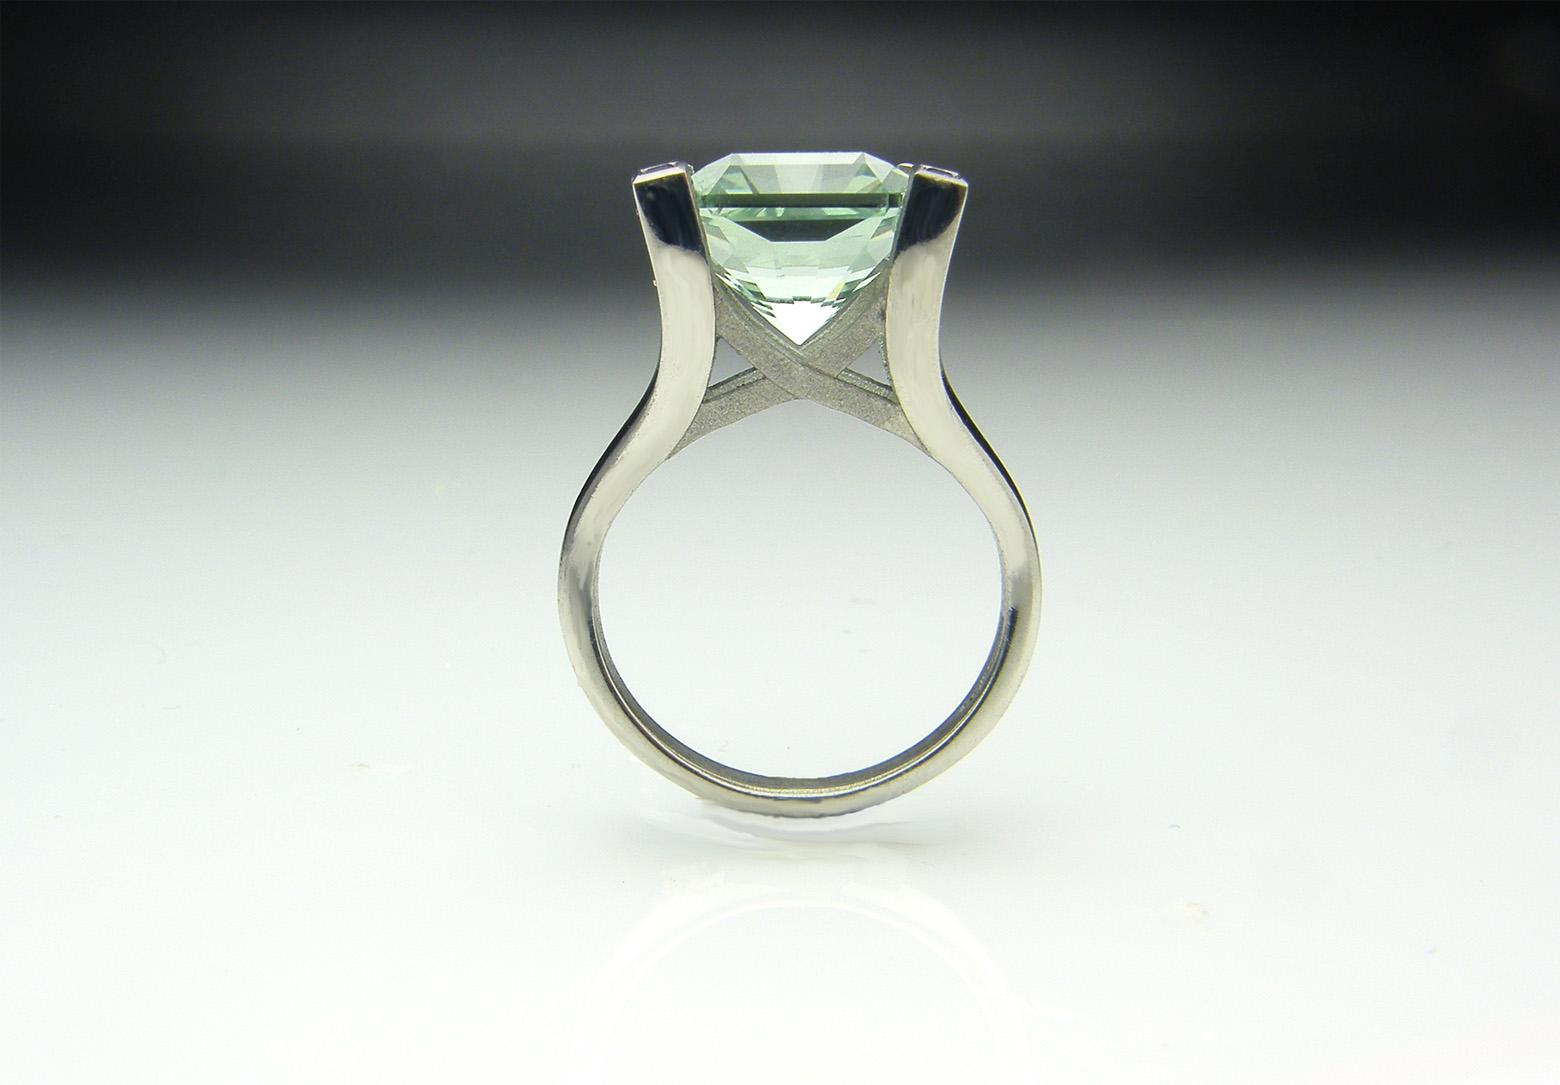 Green Amethyst & Palladium Ring